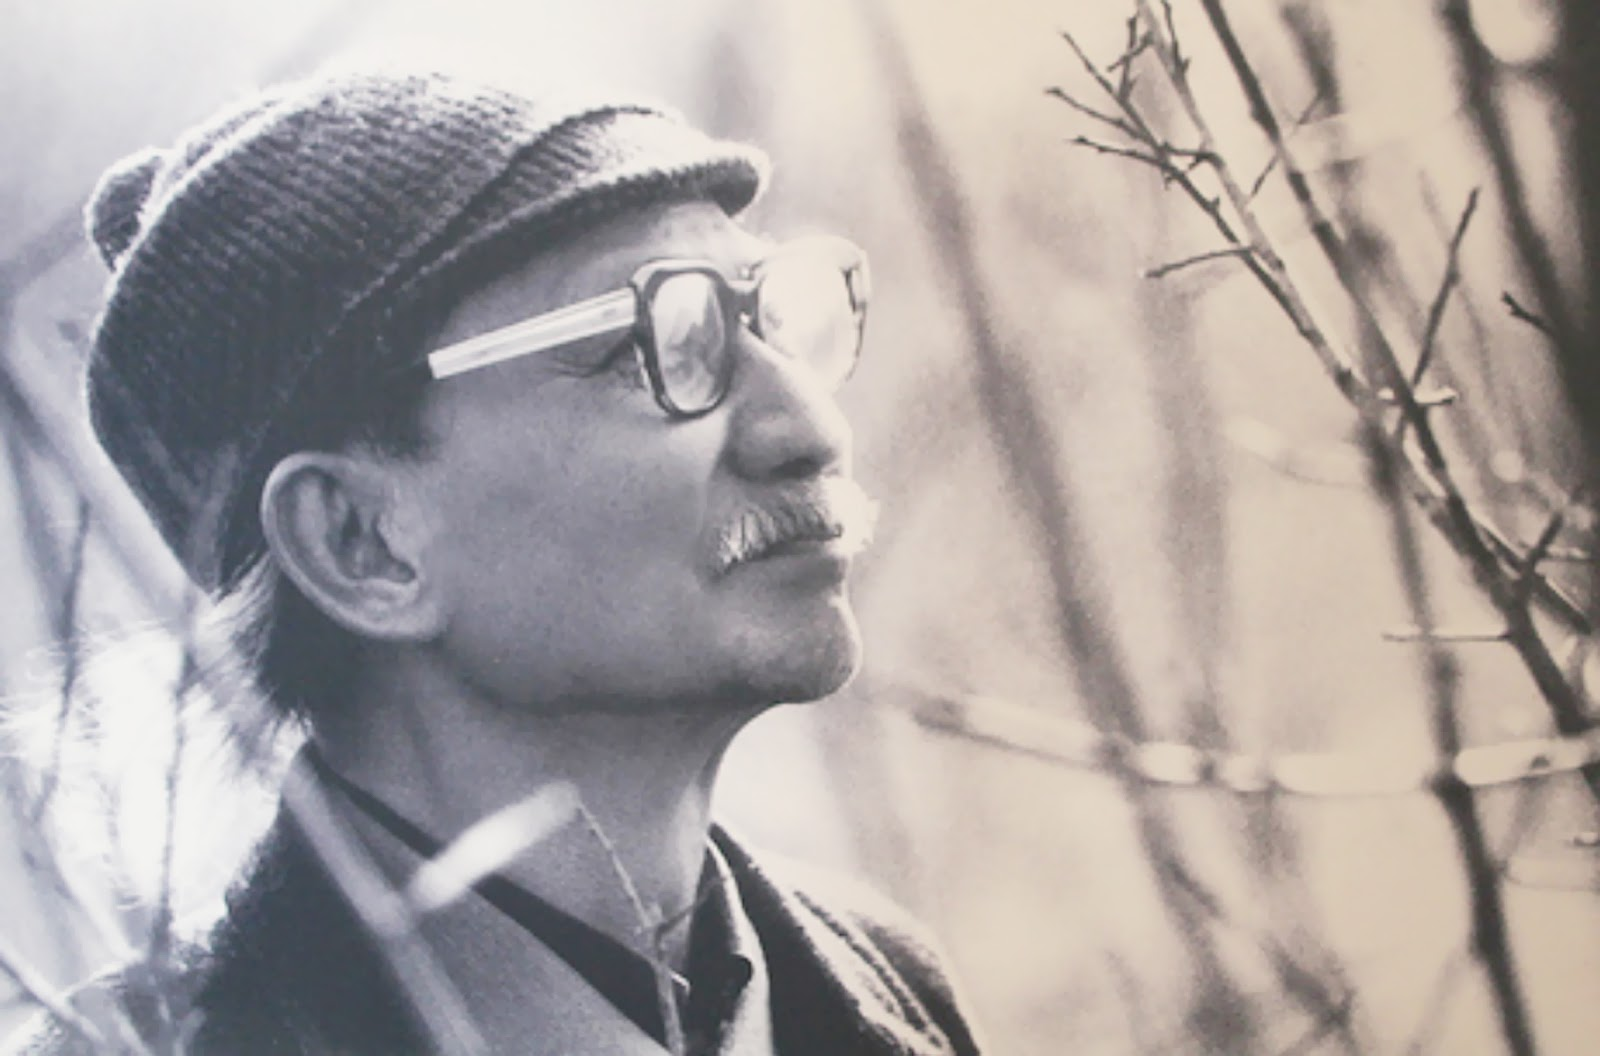 Tác giả Nguyễn Tuân- một phong cách nghệ thuật độc đáo và sâu sắc